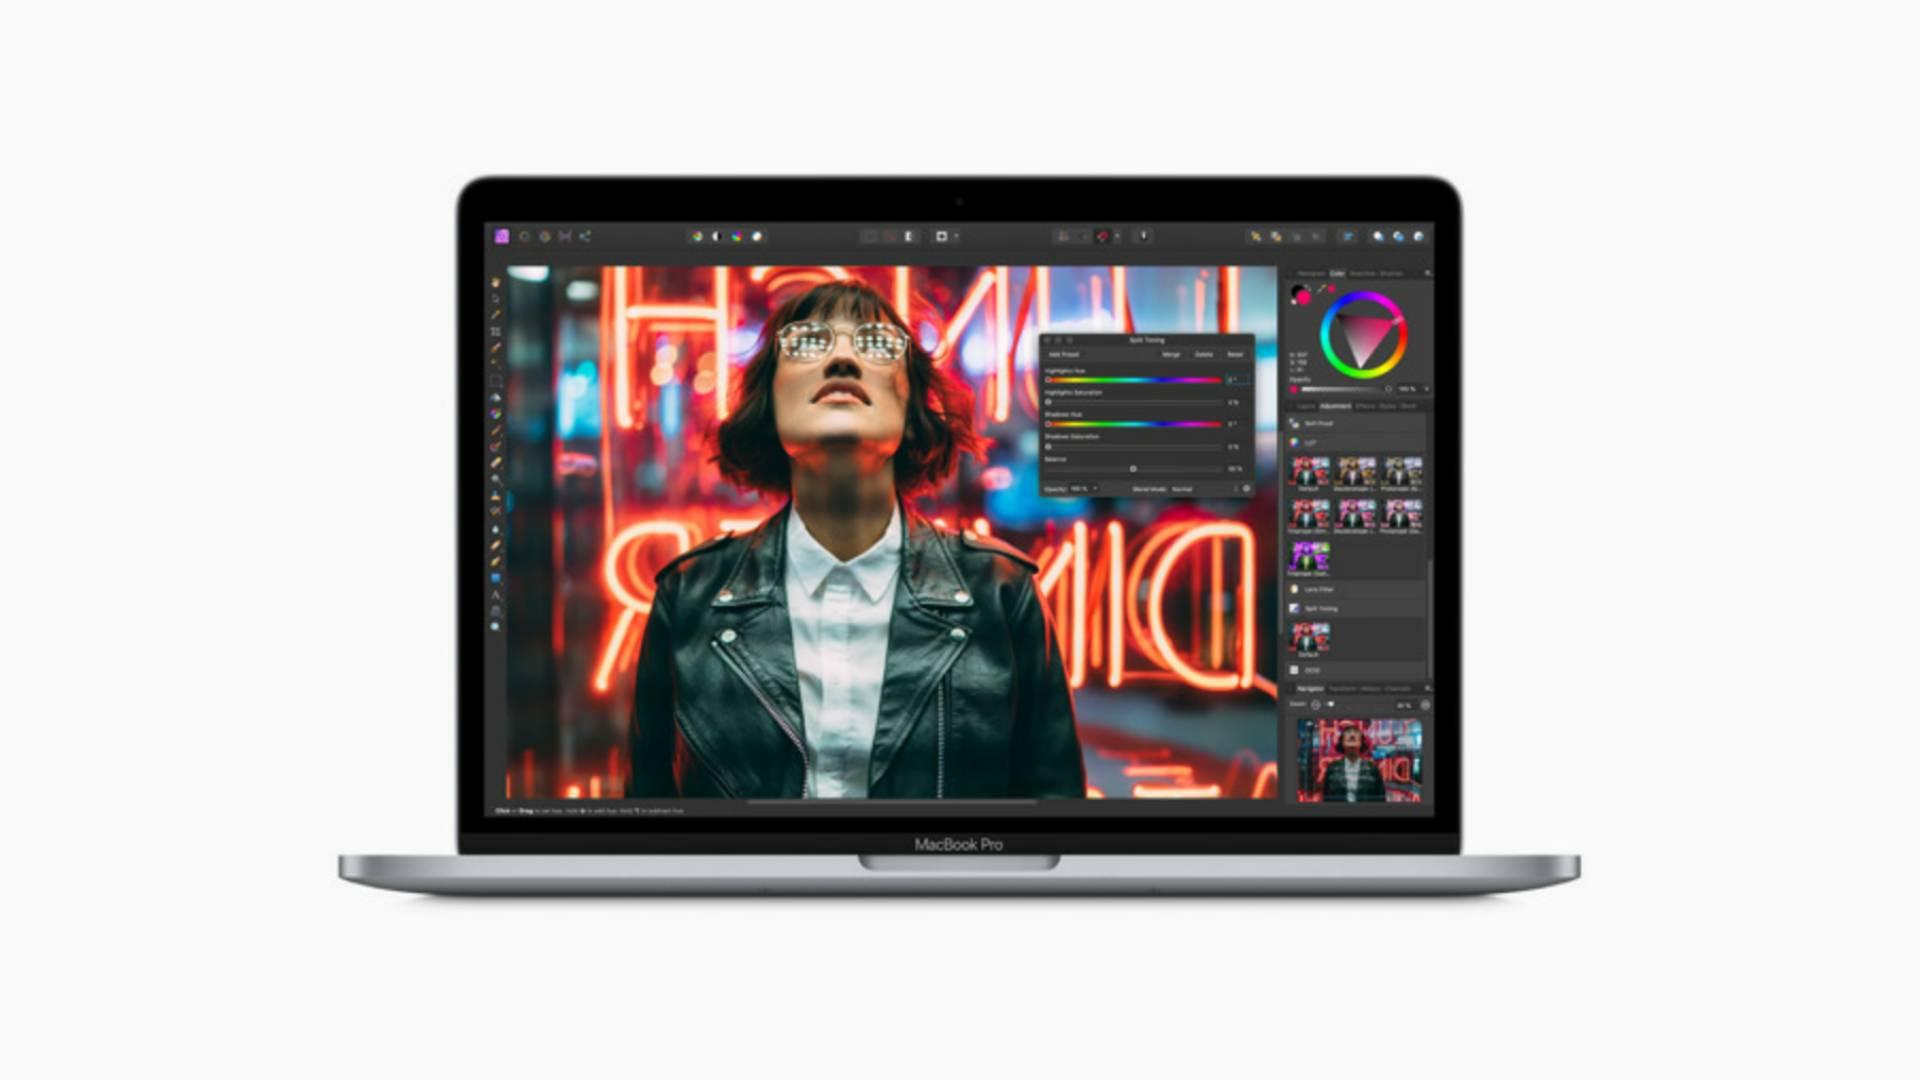 Magic Keyboard és jobb teljesítmény: Frissült a 13 colos MacBook Pro